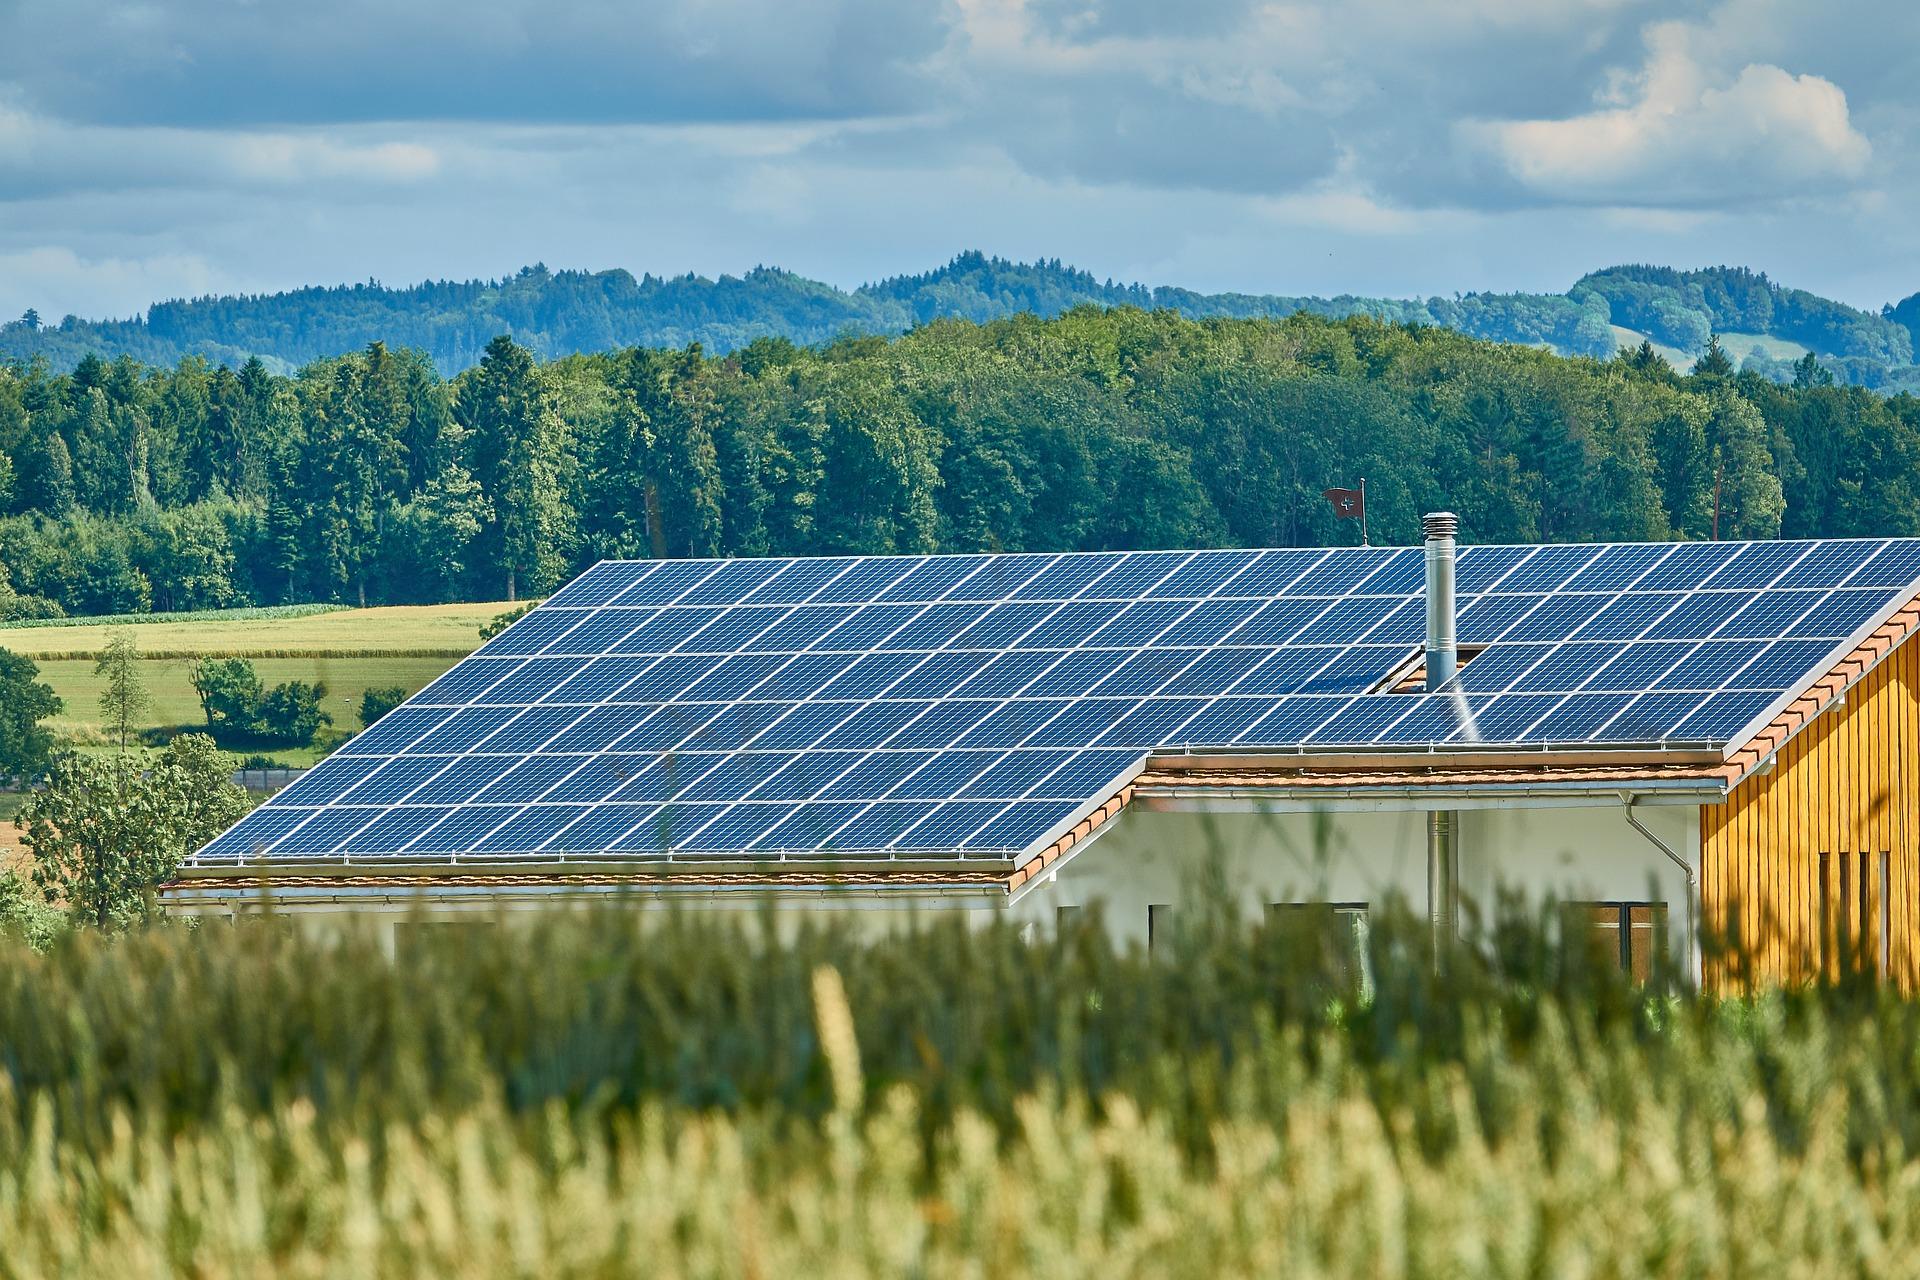 Solarthermoanlagen - energieeffizient Sanieren - Wärmegewinnung aus erneuerbaren Energien